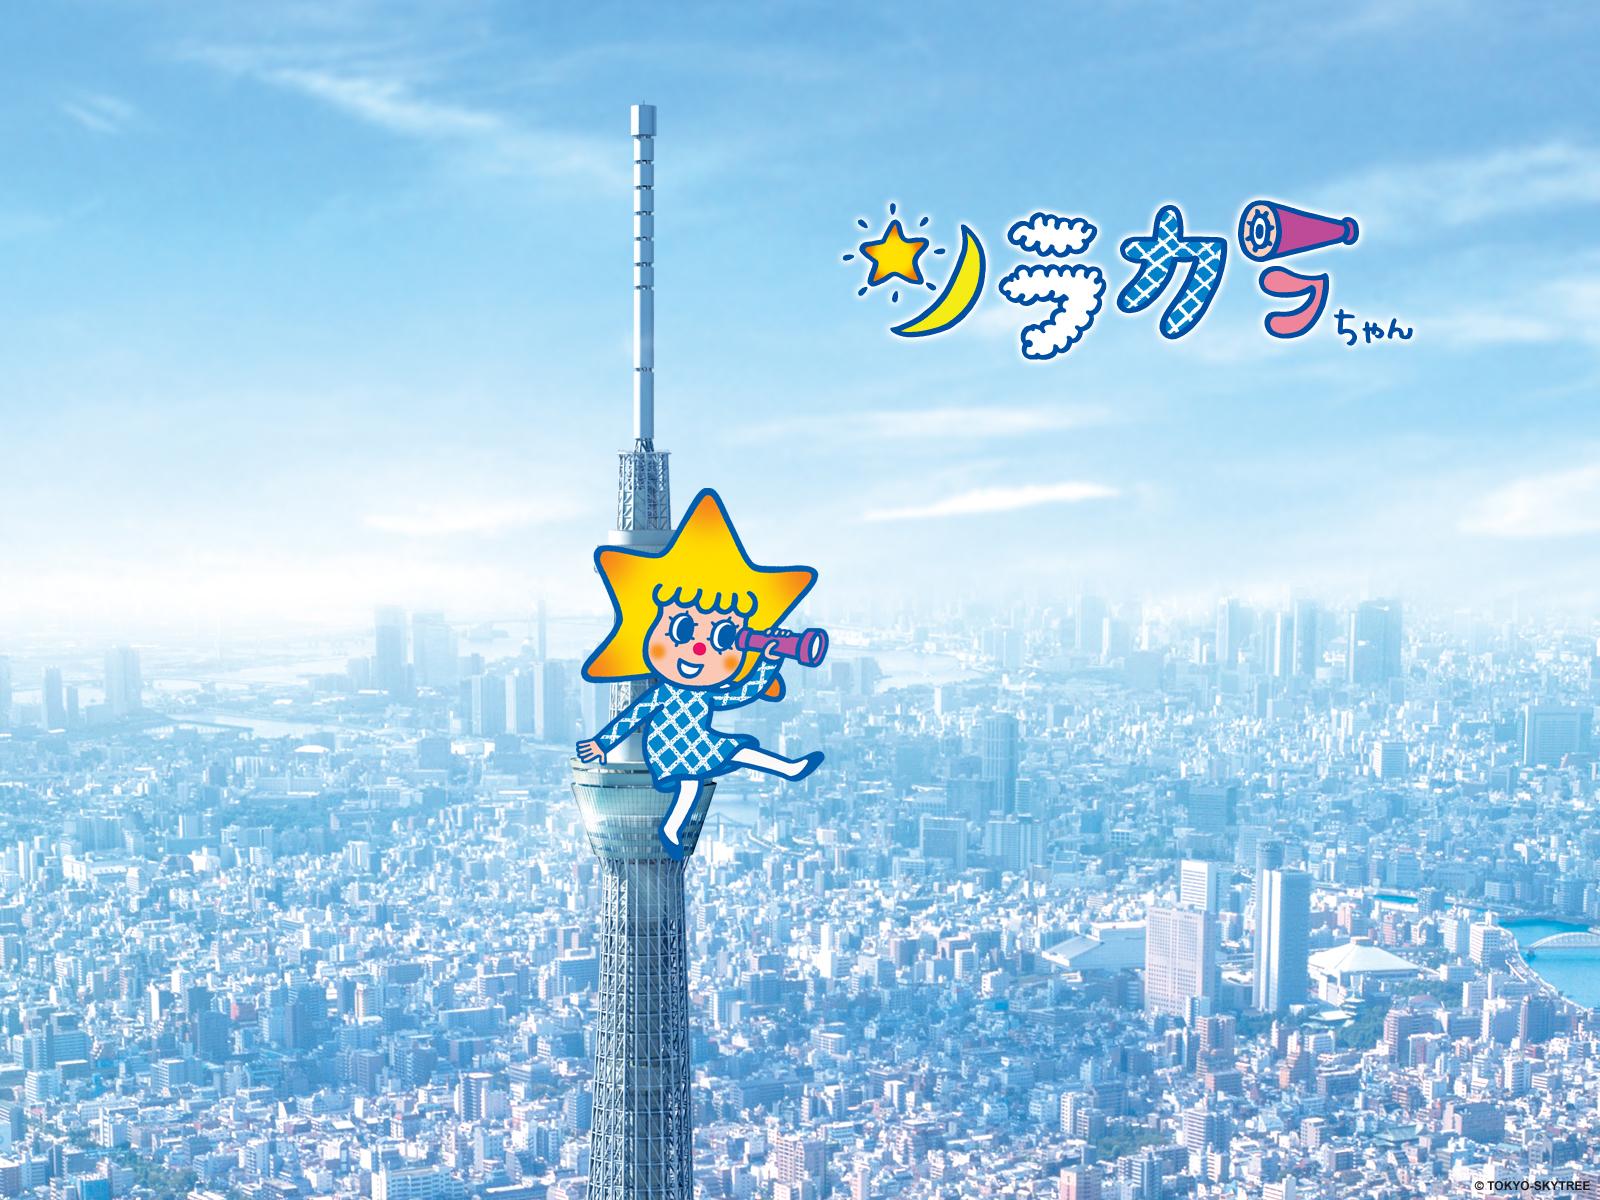 プレゼント ソラカラちゃん情報 東京スカイツリーについて 東京スカイツリー Tokyo Skytree